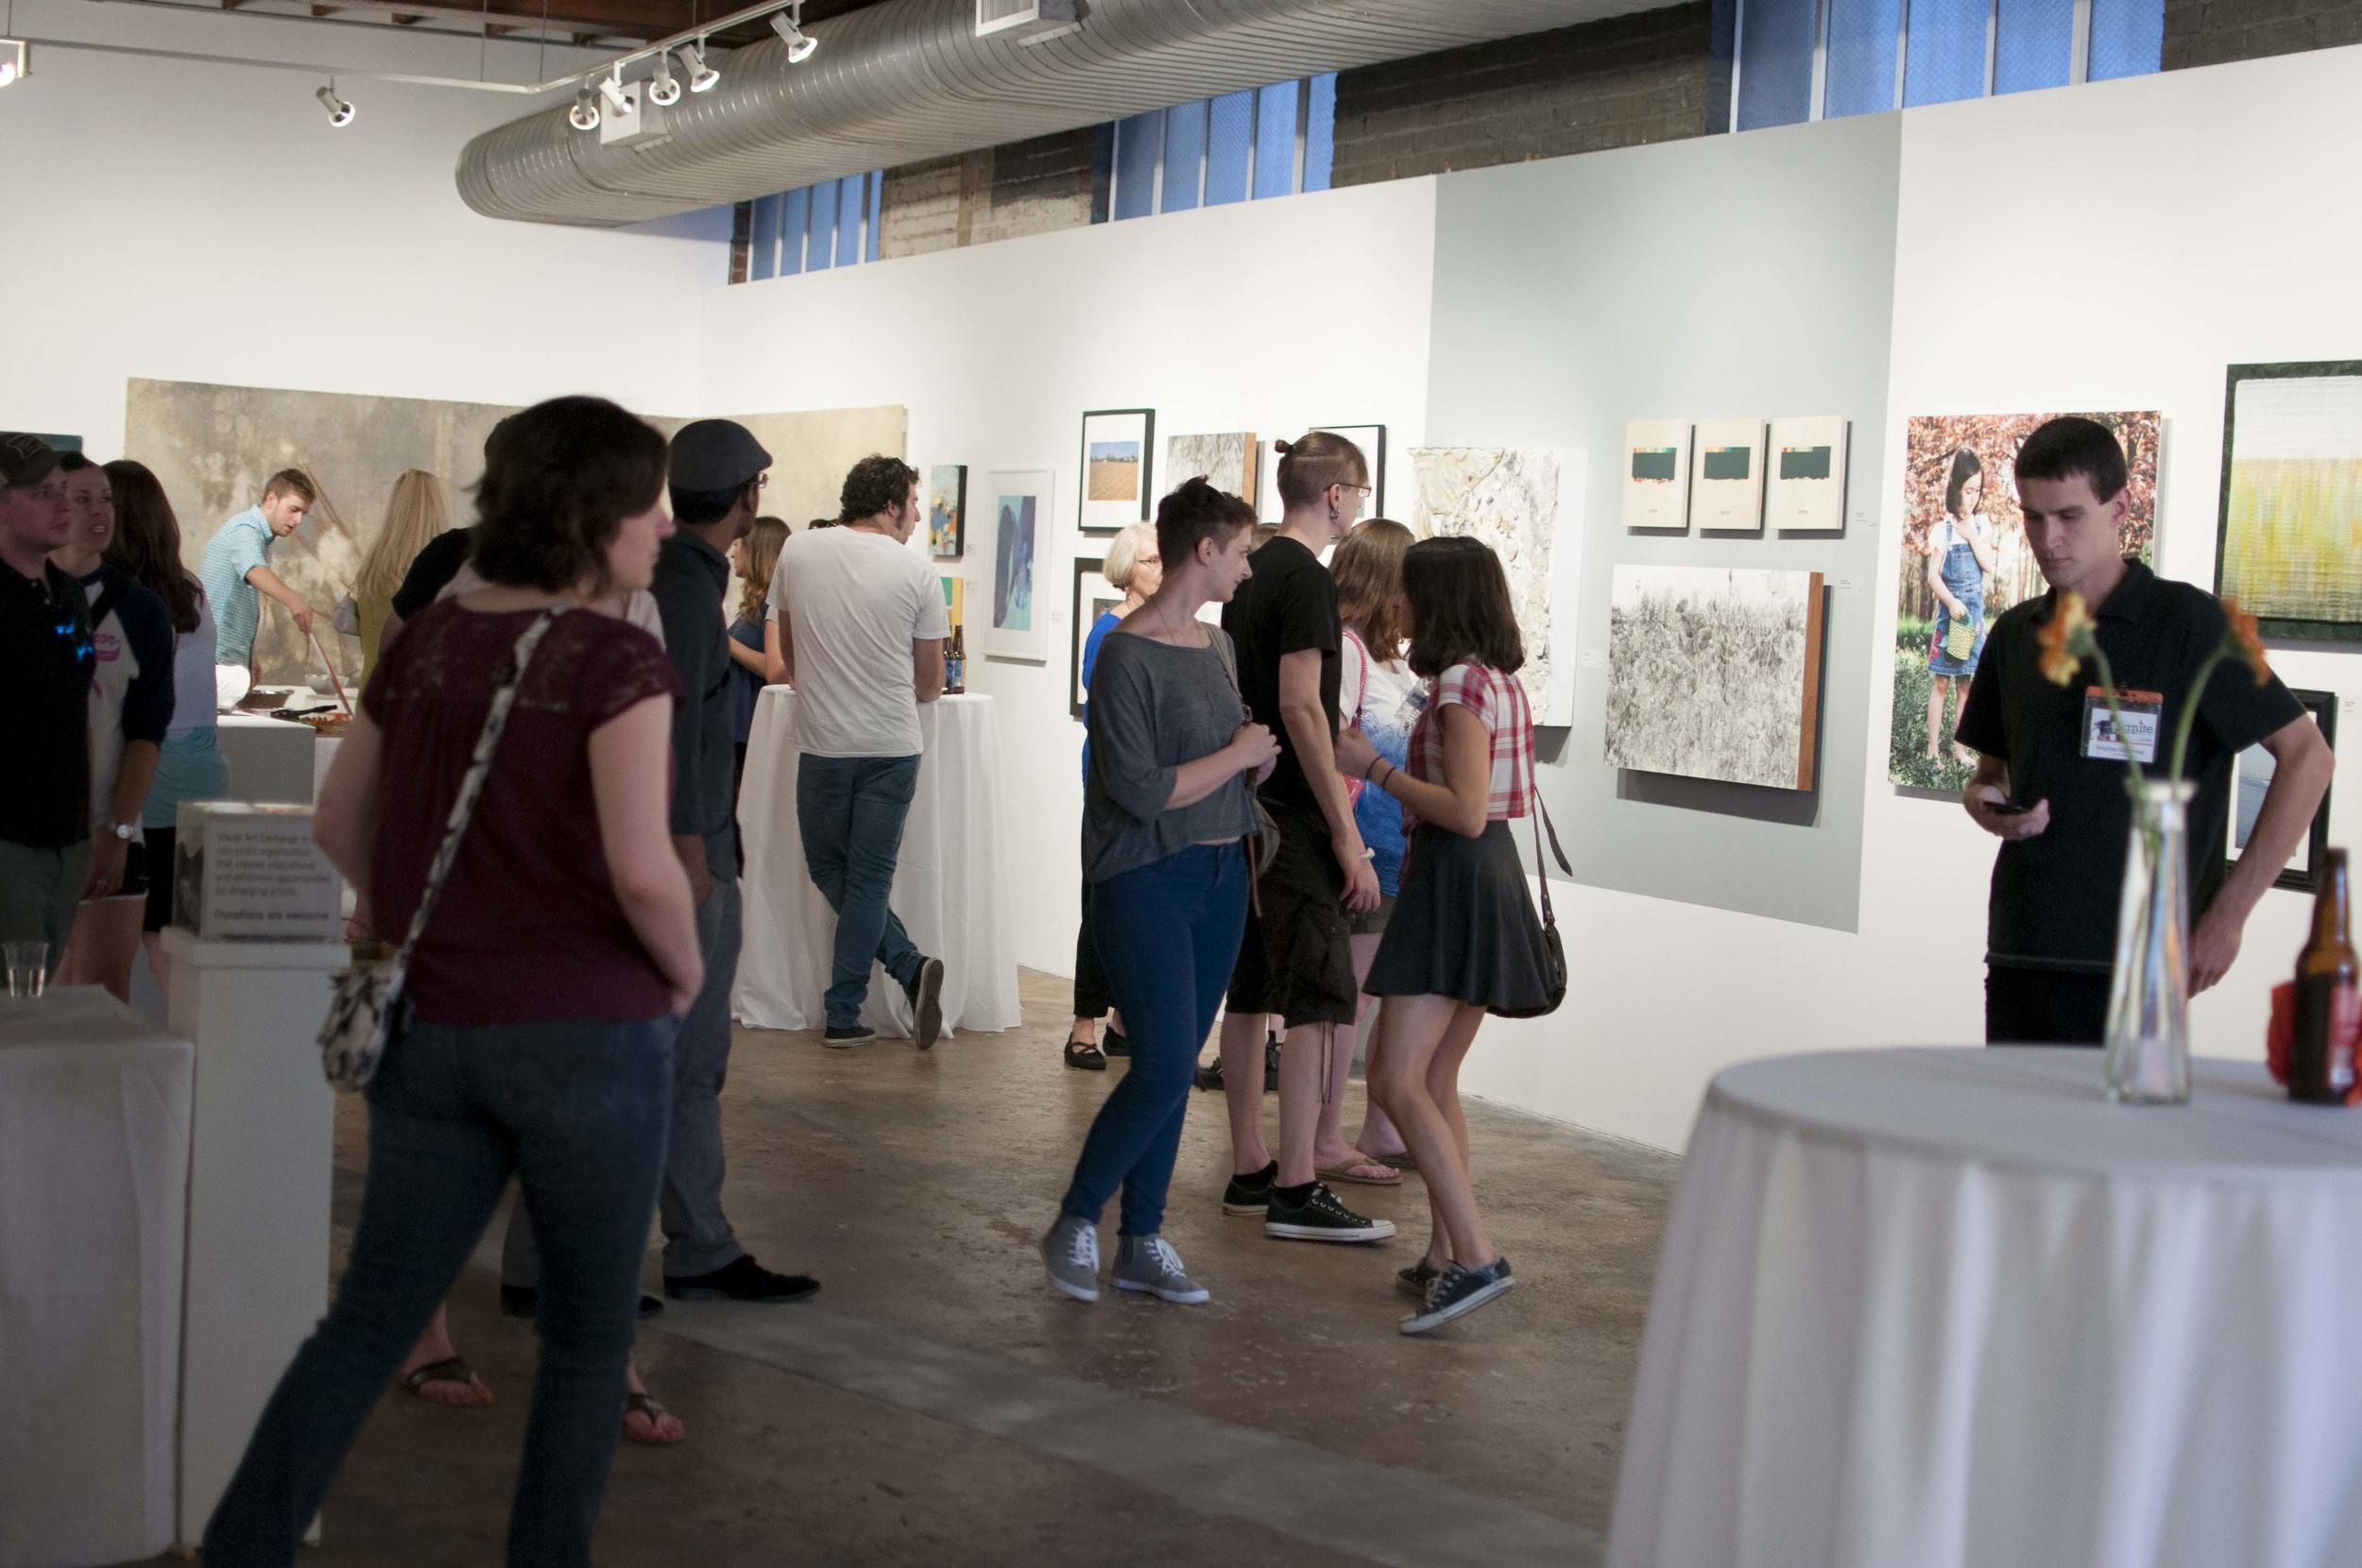 Scope_exhibitions_22.jpg